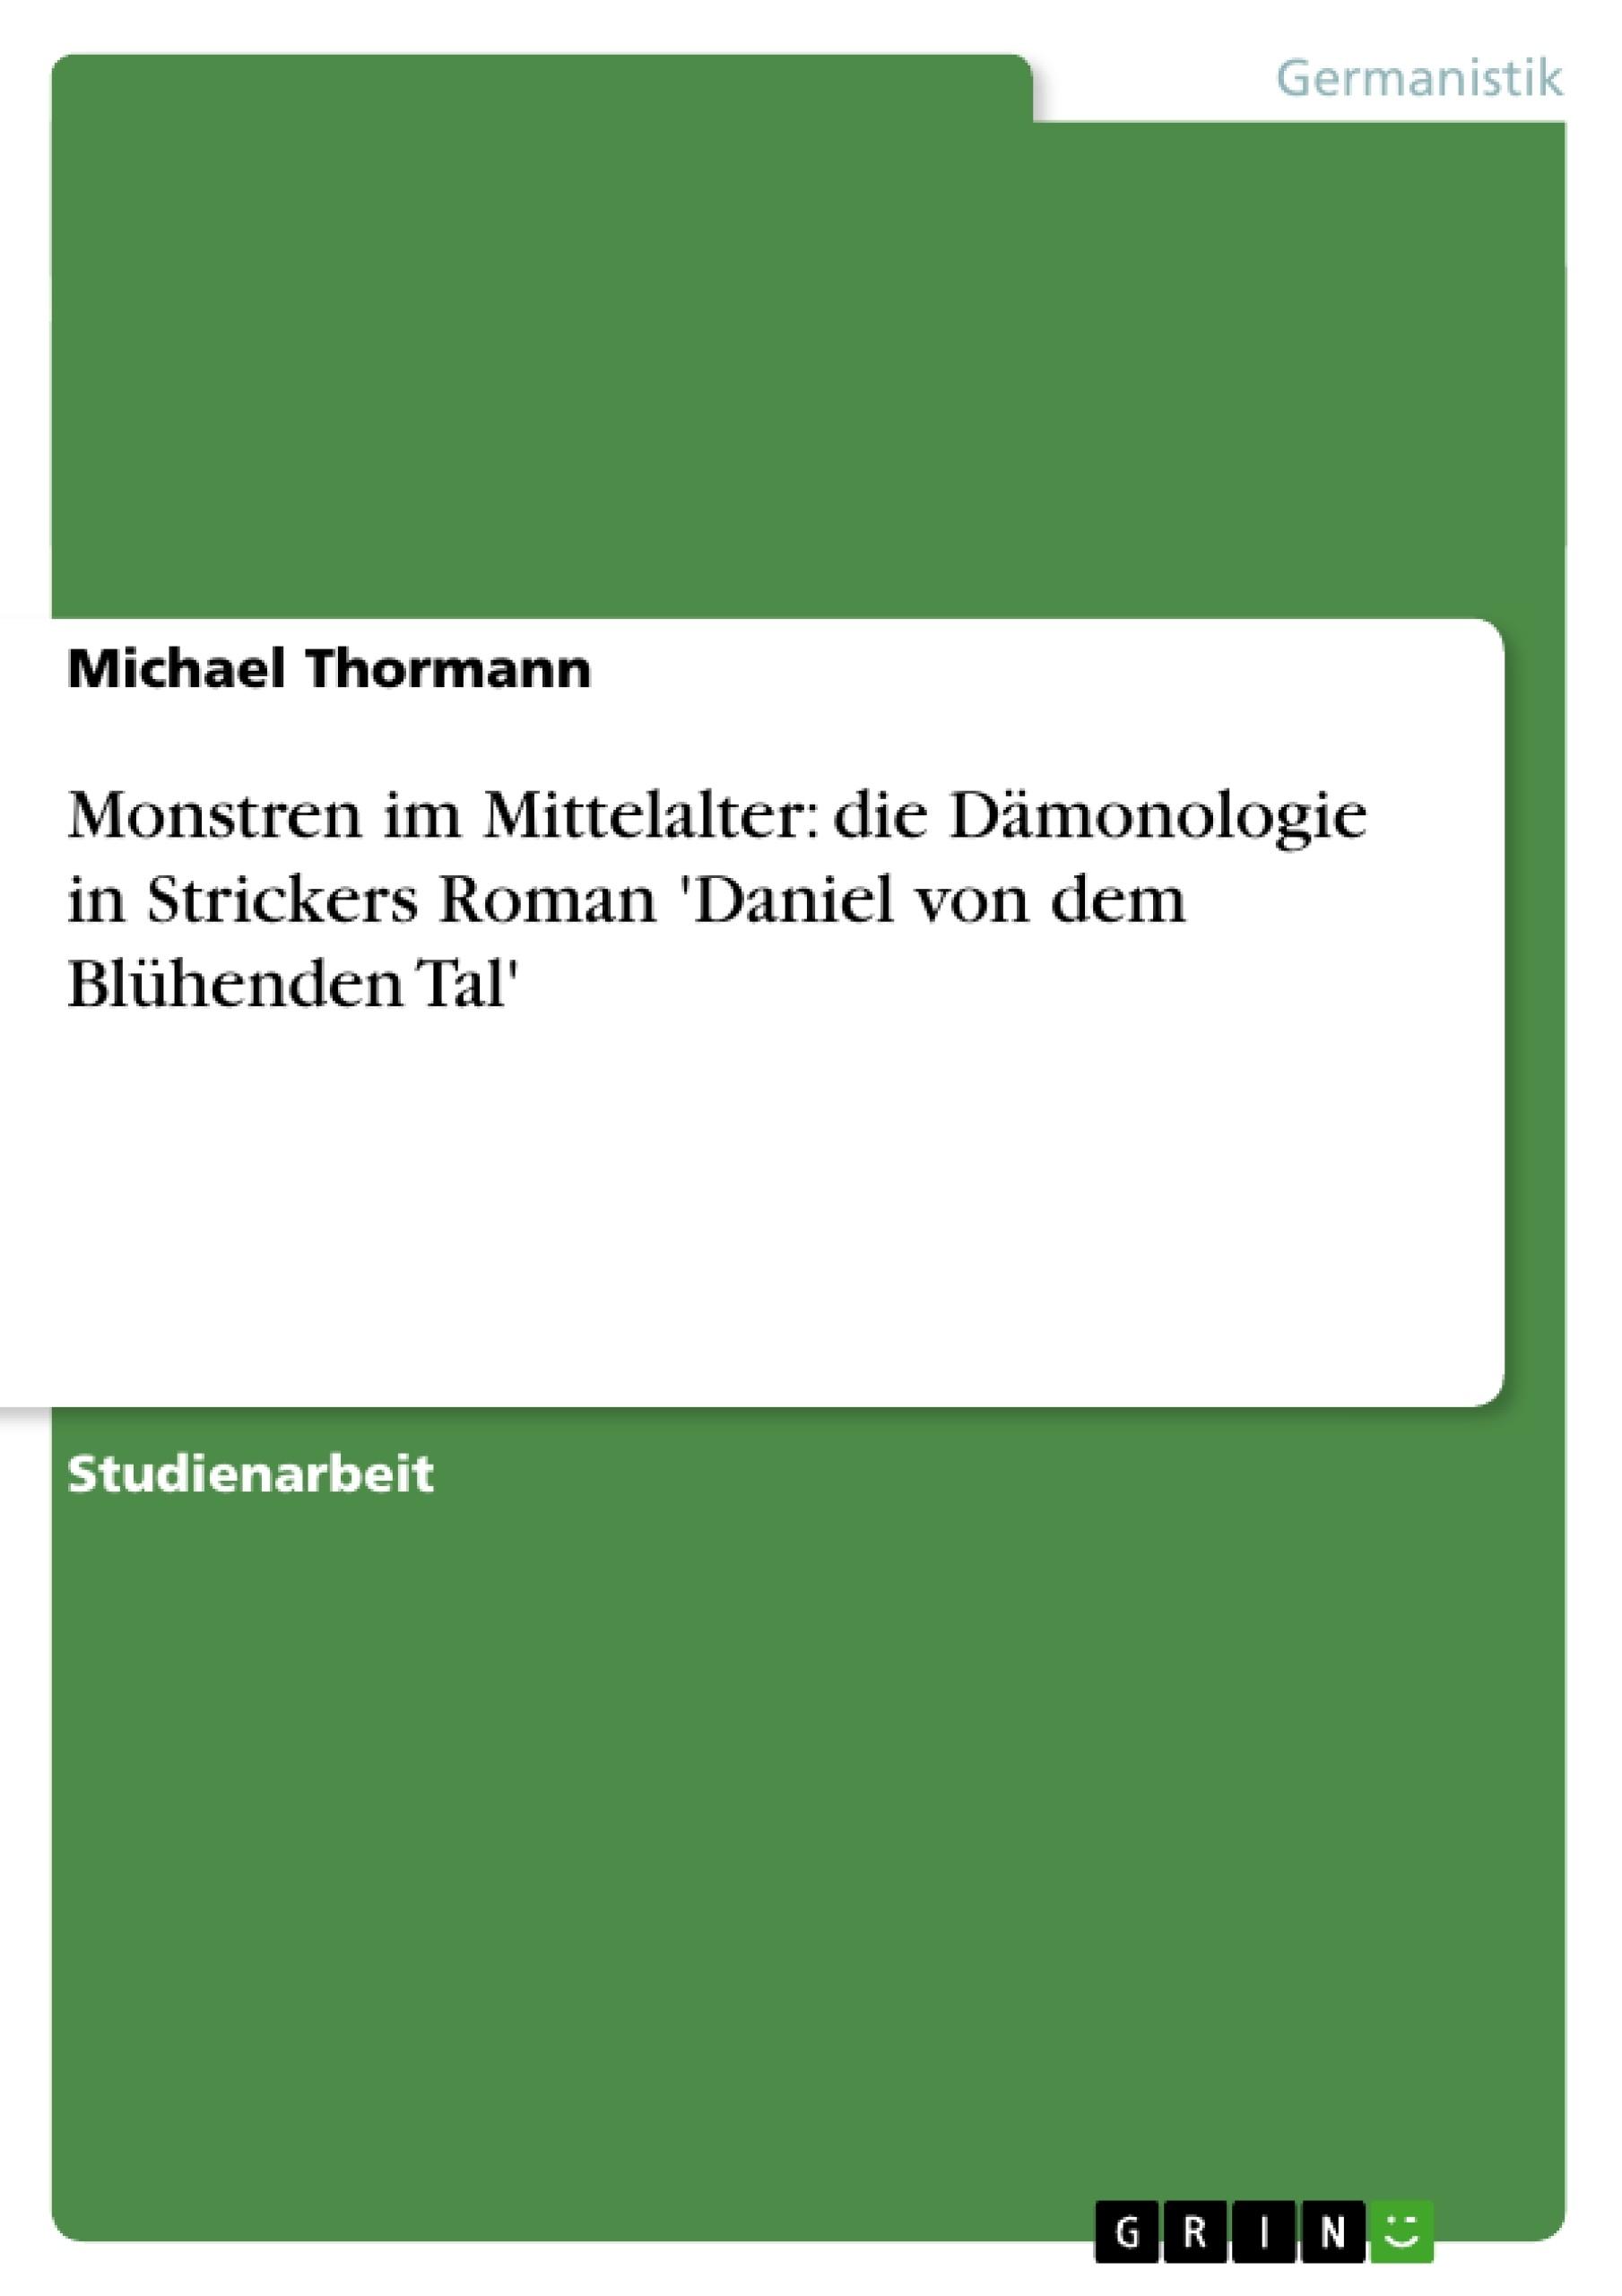 Titel: Monstren im Mittelalter: die Dämonologie in Strickers Roman 'Daniel von dem Blühenden Tal'